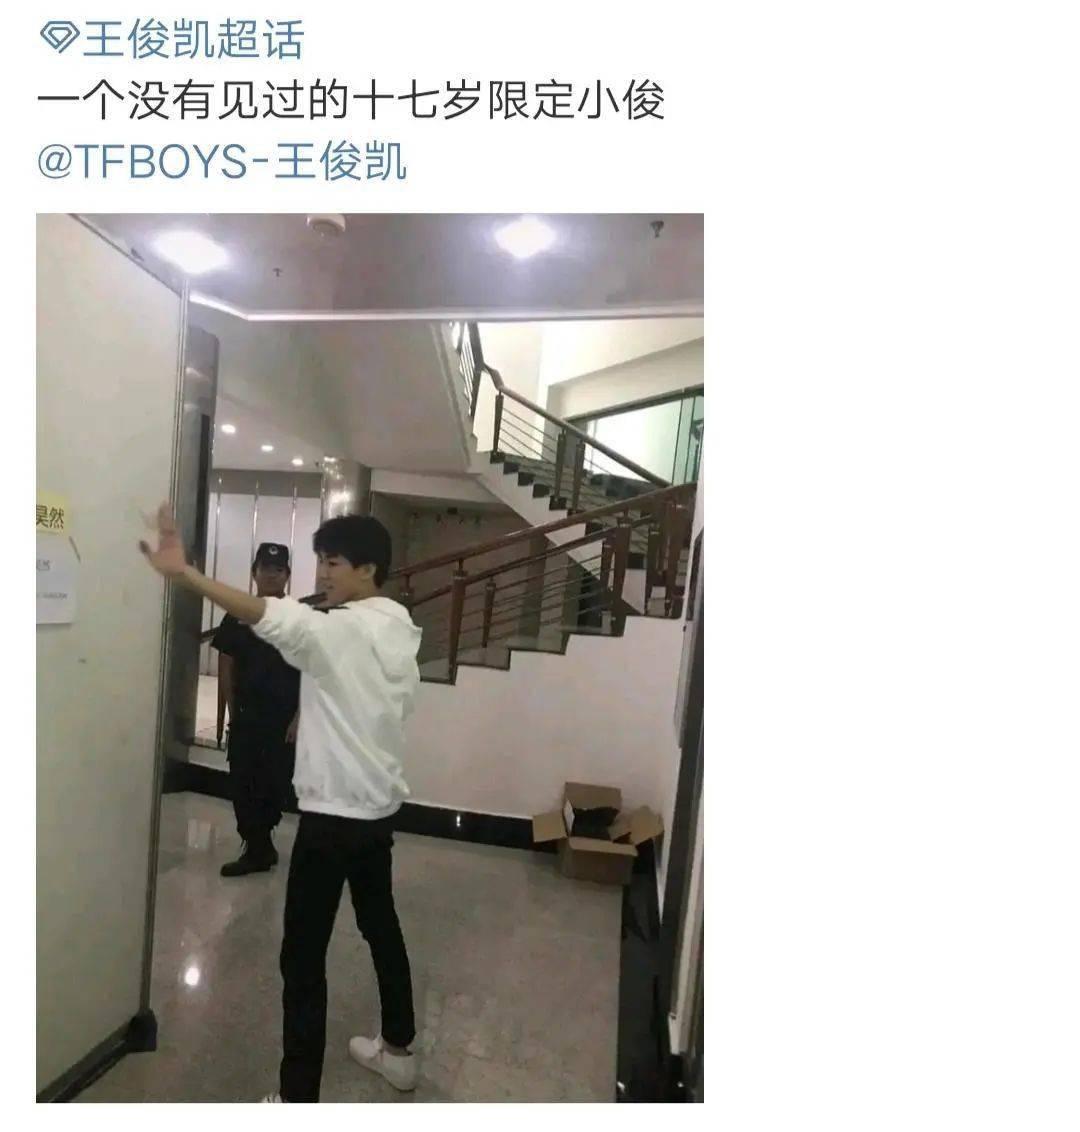 李淑昕出现在走廊里 疑似在和刘浩然打招呼 旁边的保安叔叔表情很丰富